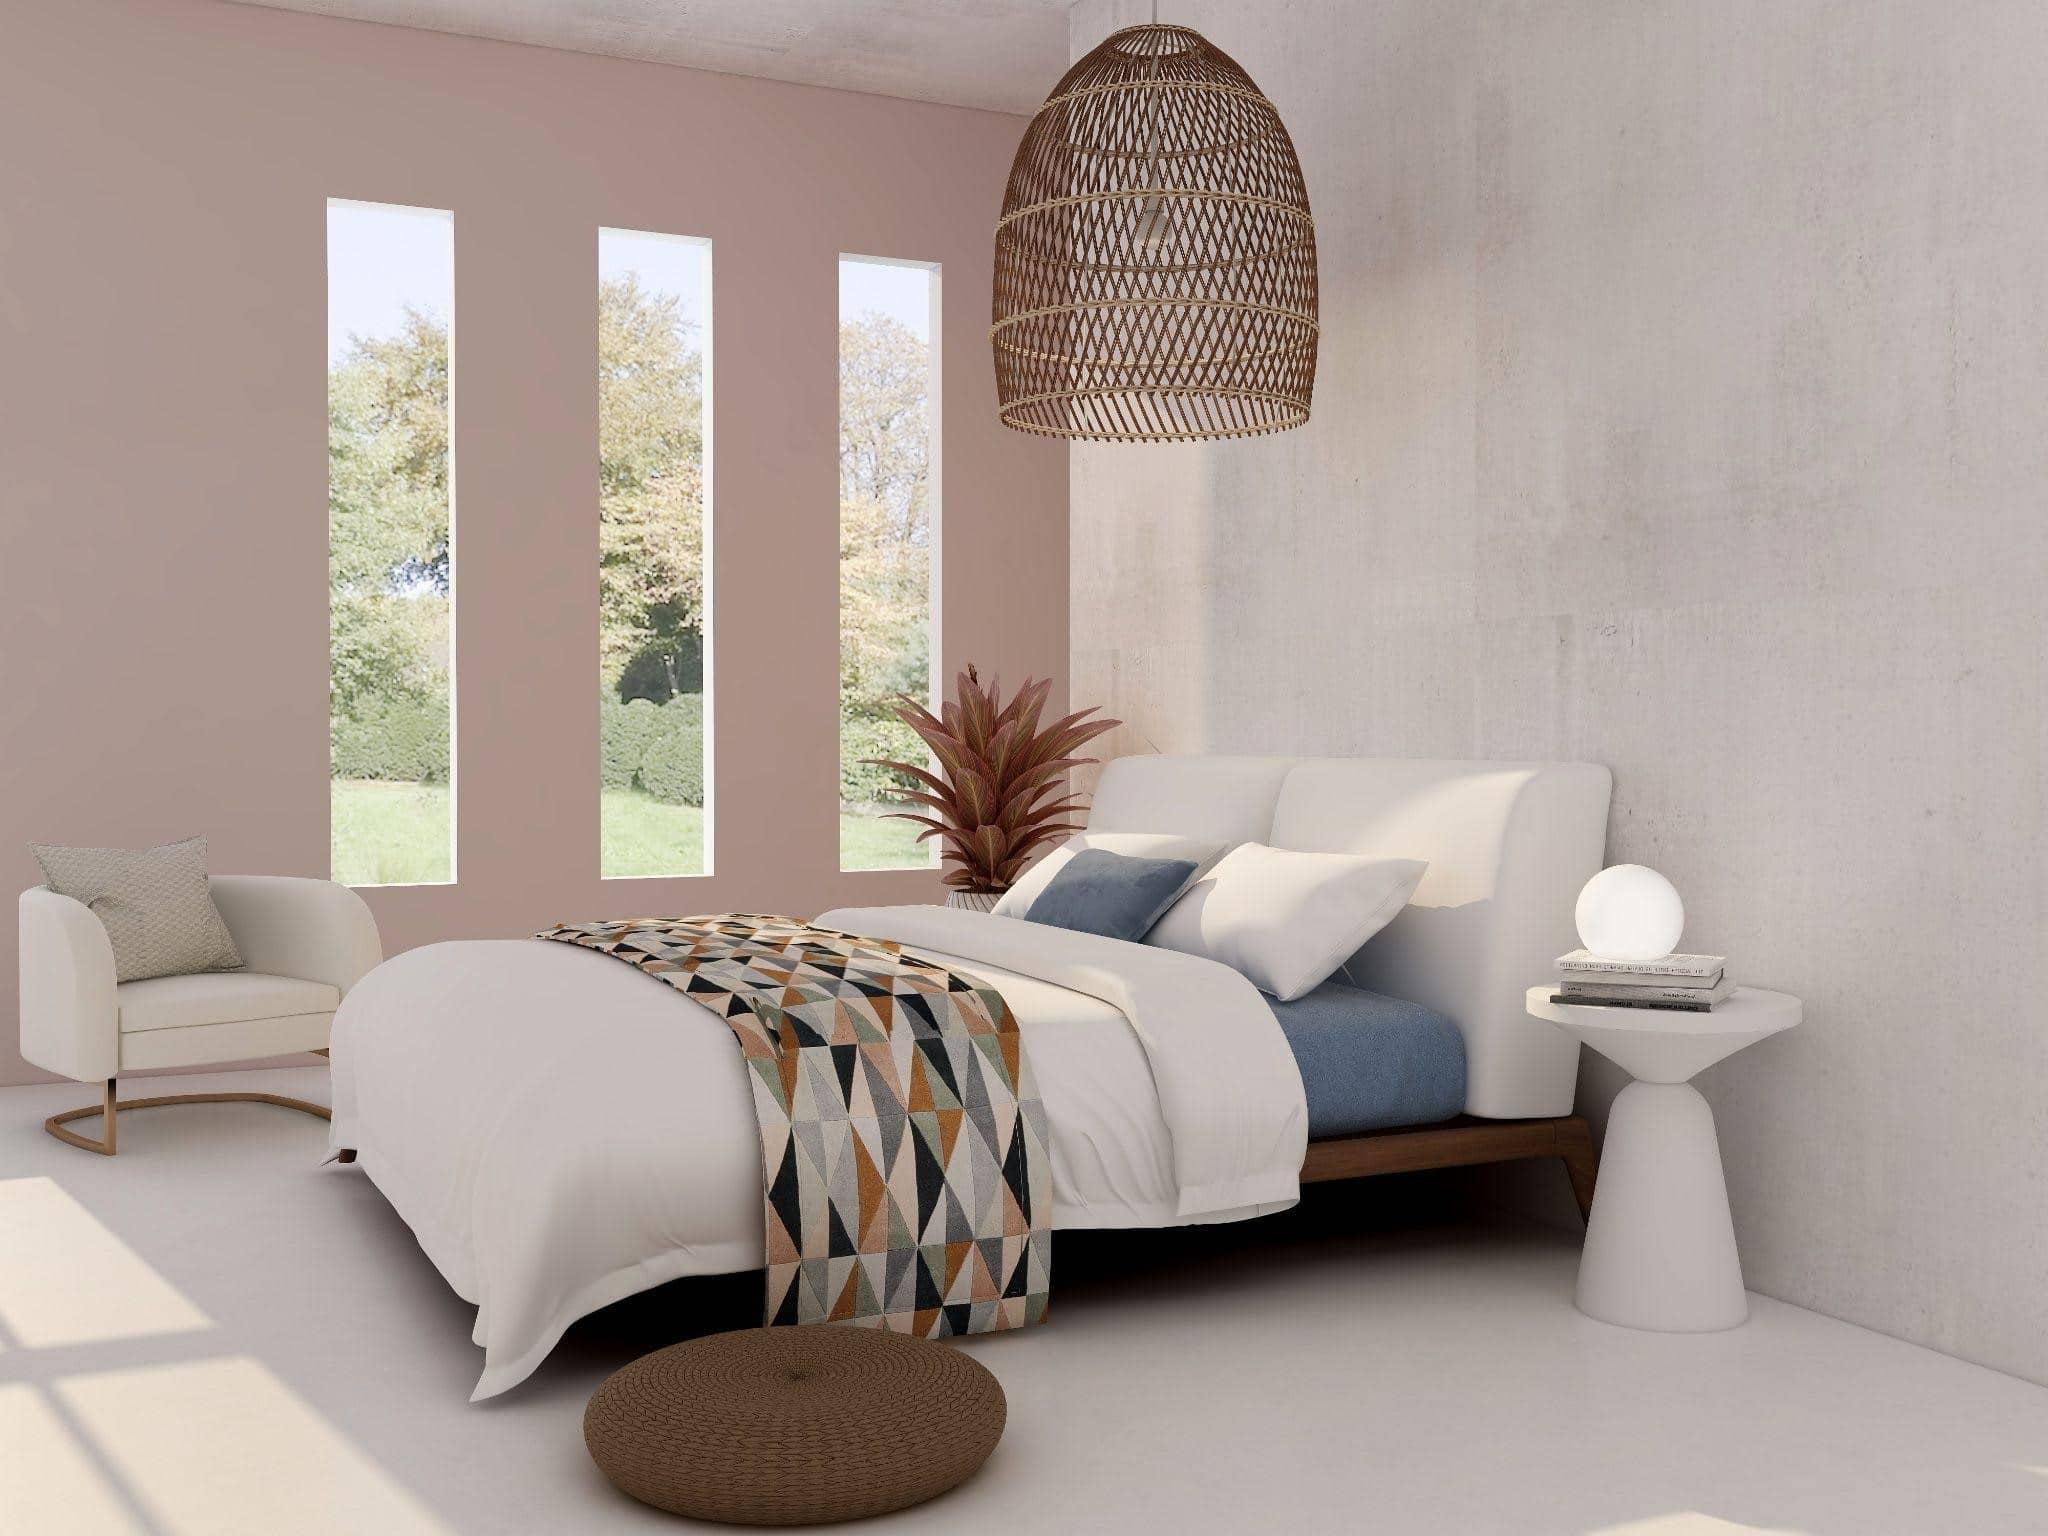 dormitorio con cama acogedora